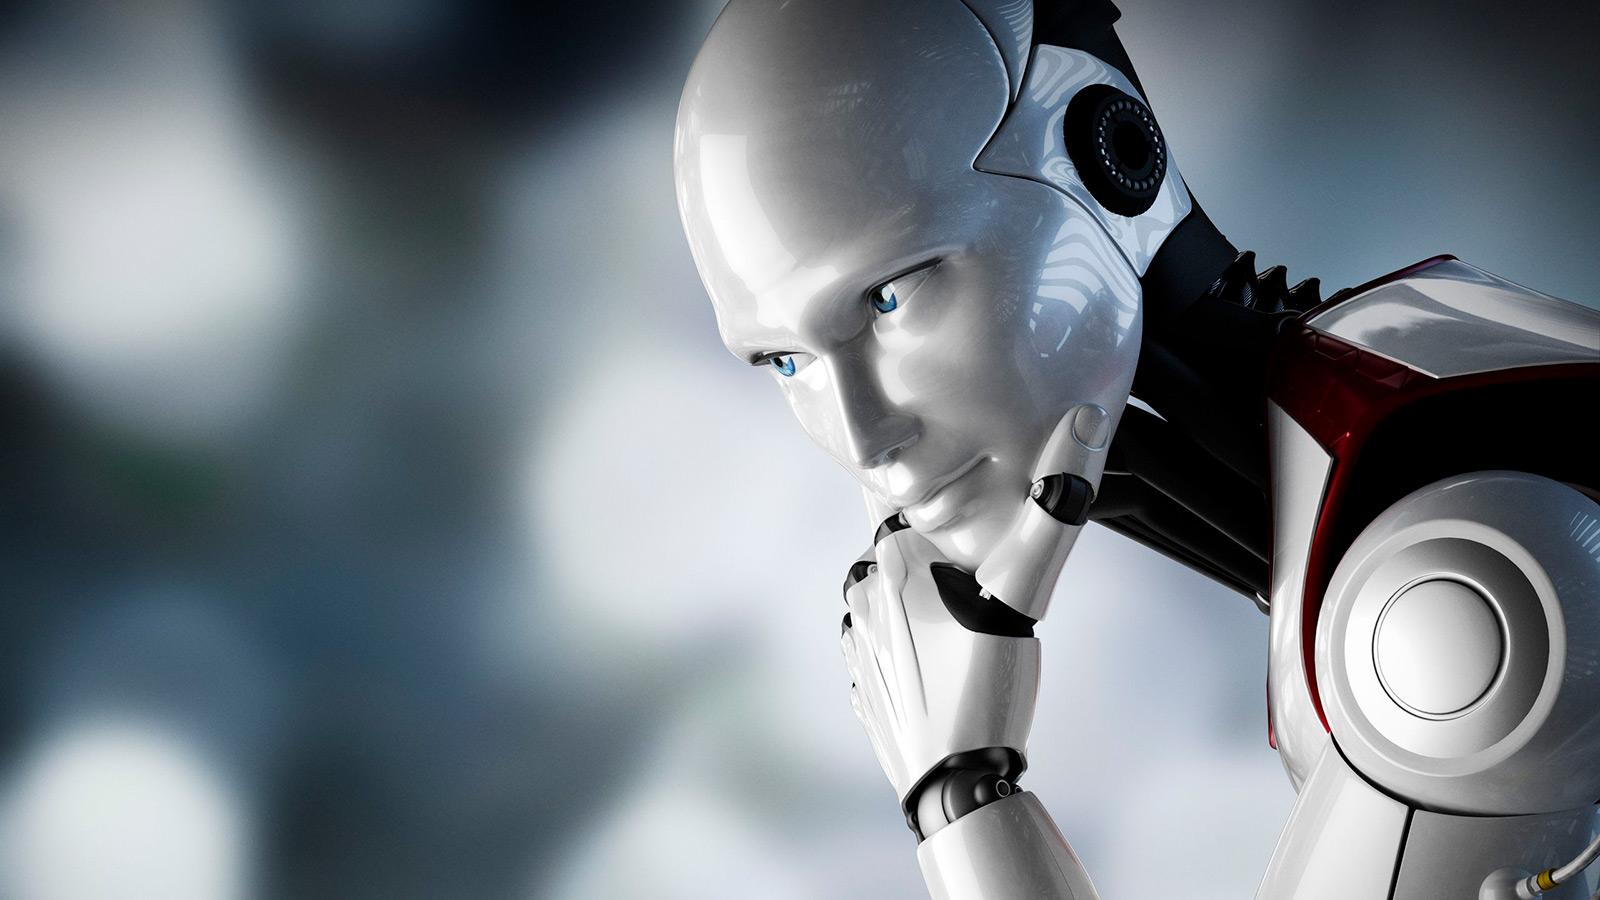 Sobre robôs, guerras, cartas de amor e esperança